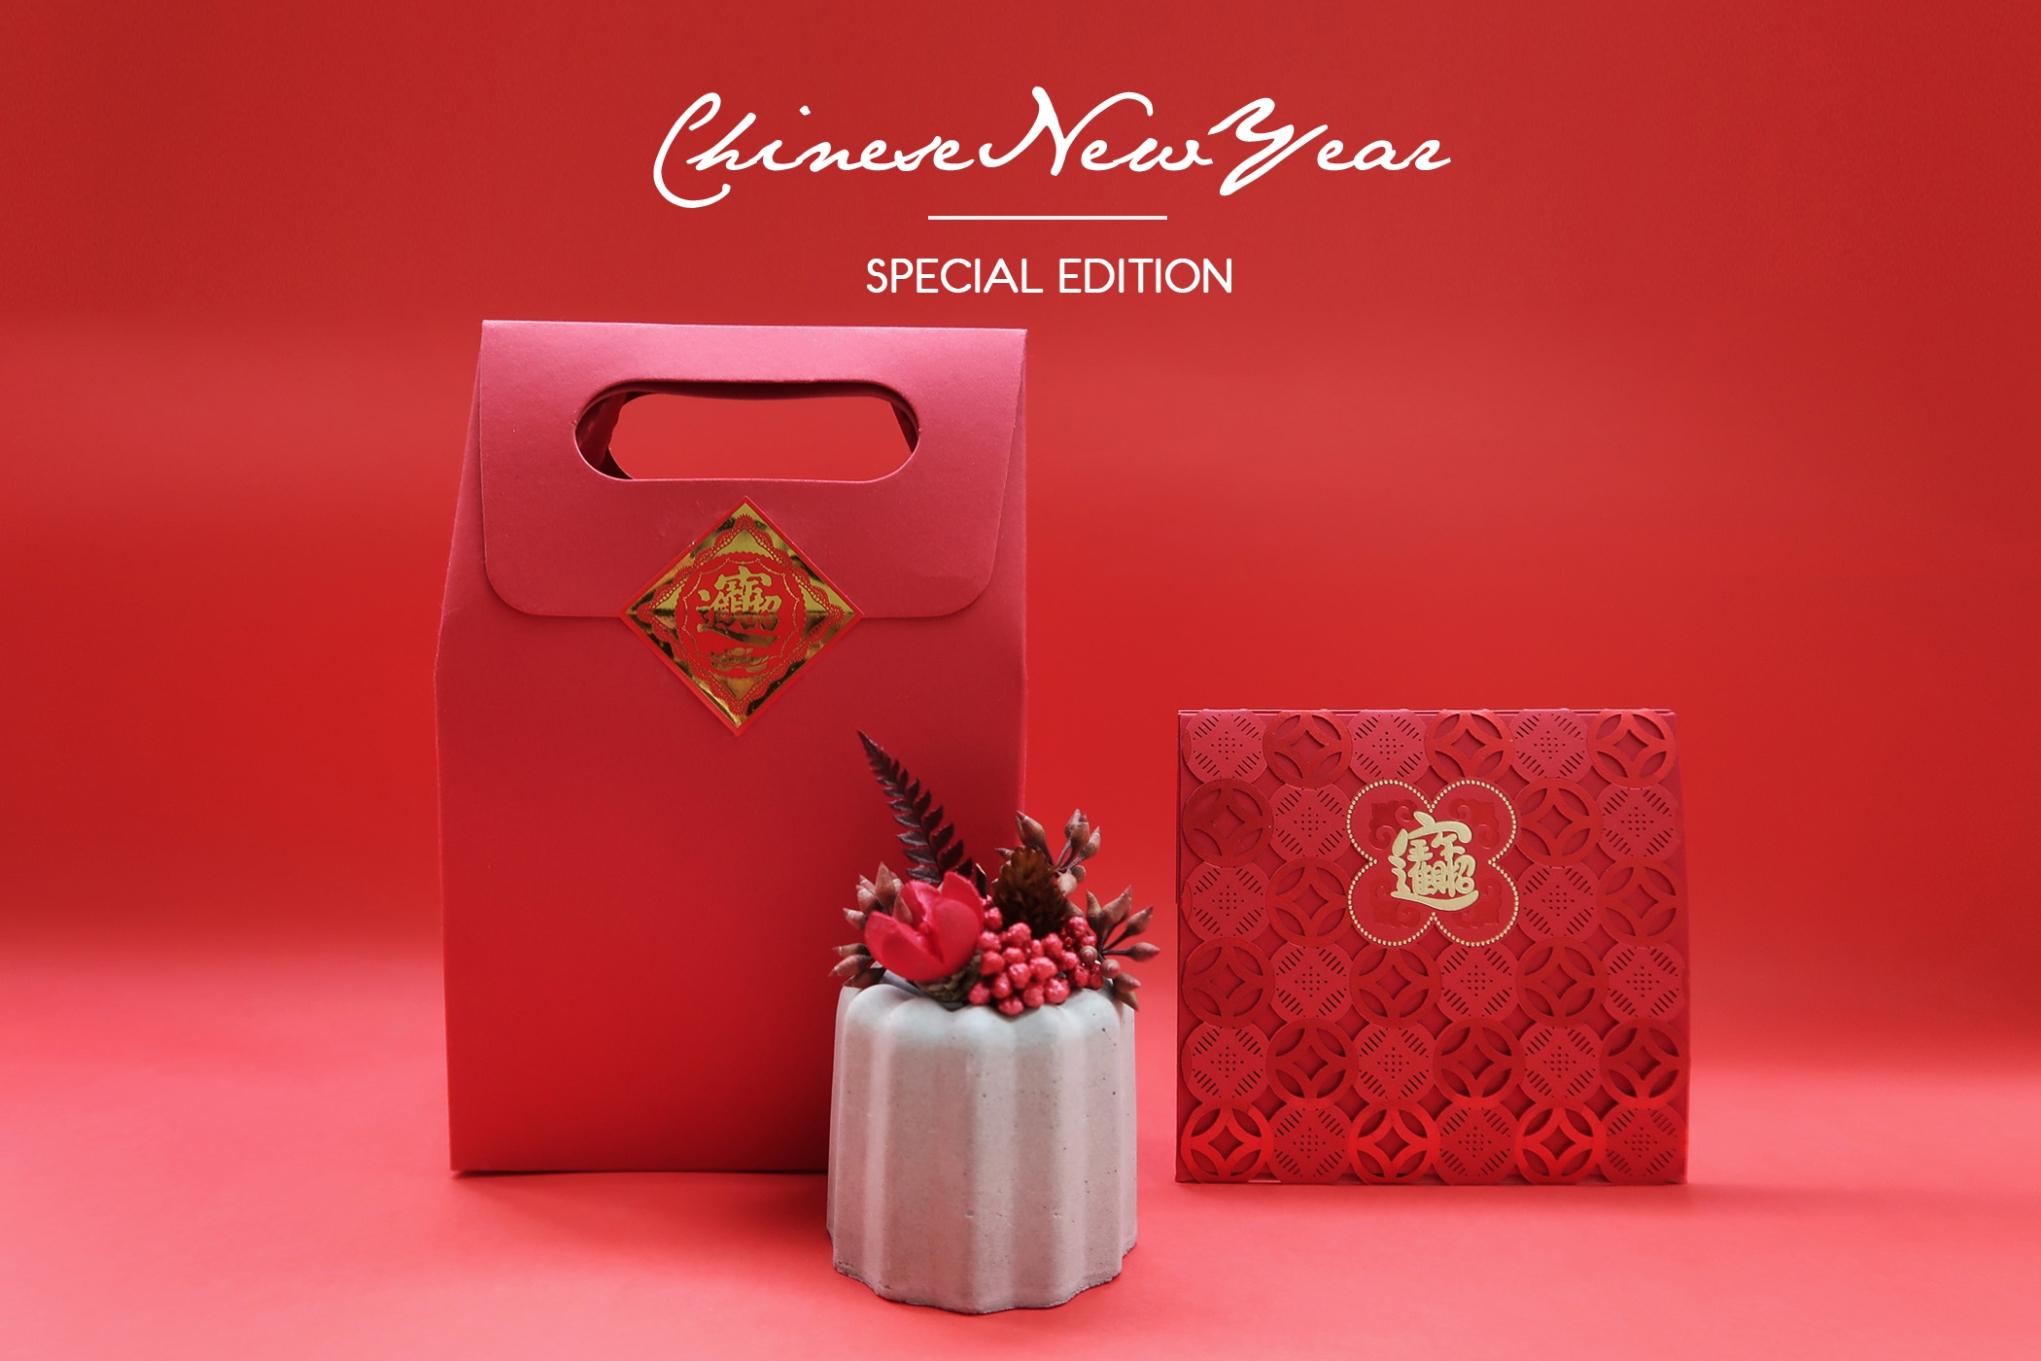 CANELÉ 法式可麗露 / 不凋花水泥甜點擴香石・紅包賀卡・年節禮盒